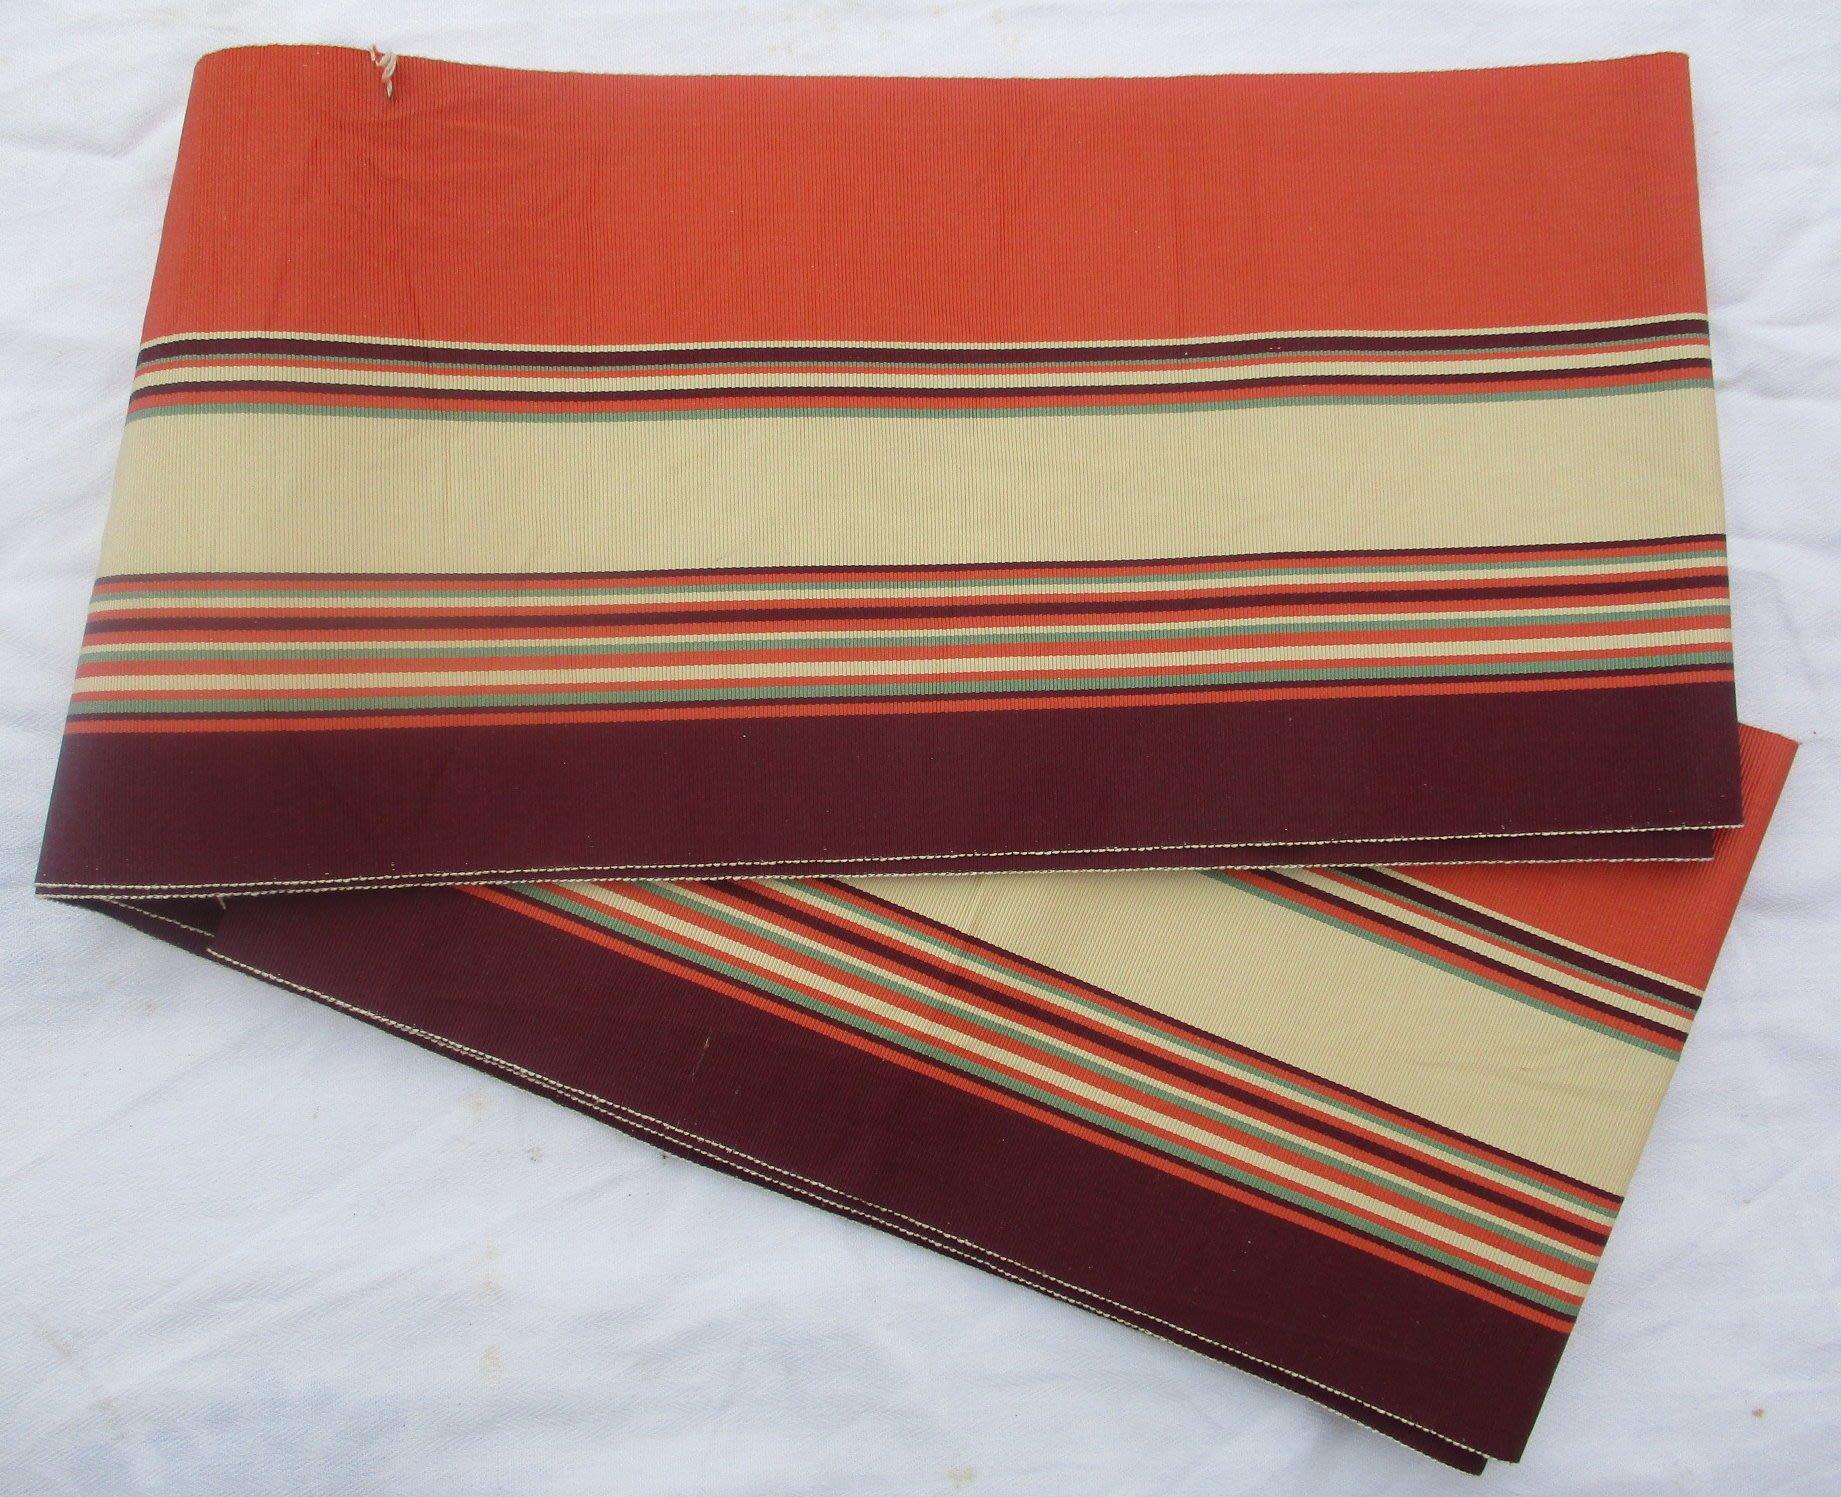 日本和服腰帶-單層多色橫紋-六吋半幅帶-(JD-767-X)